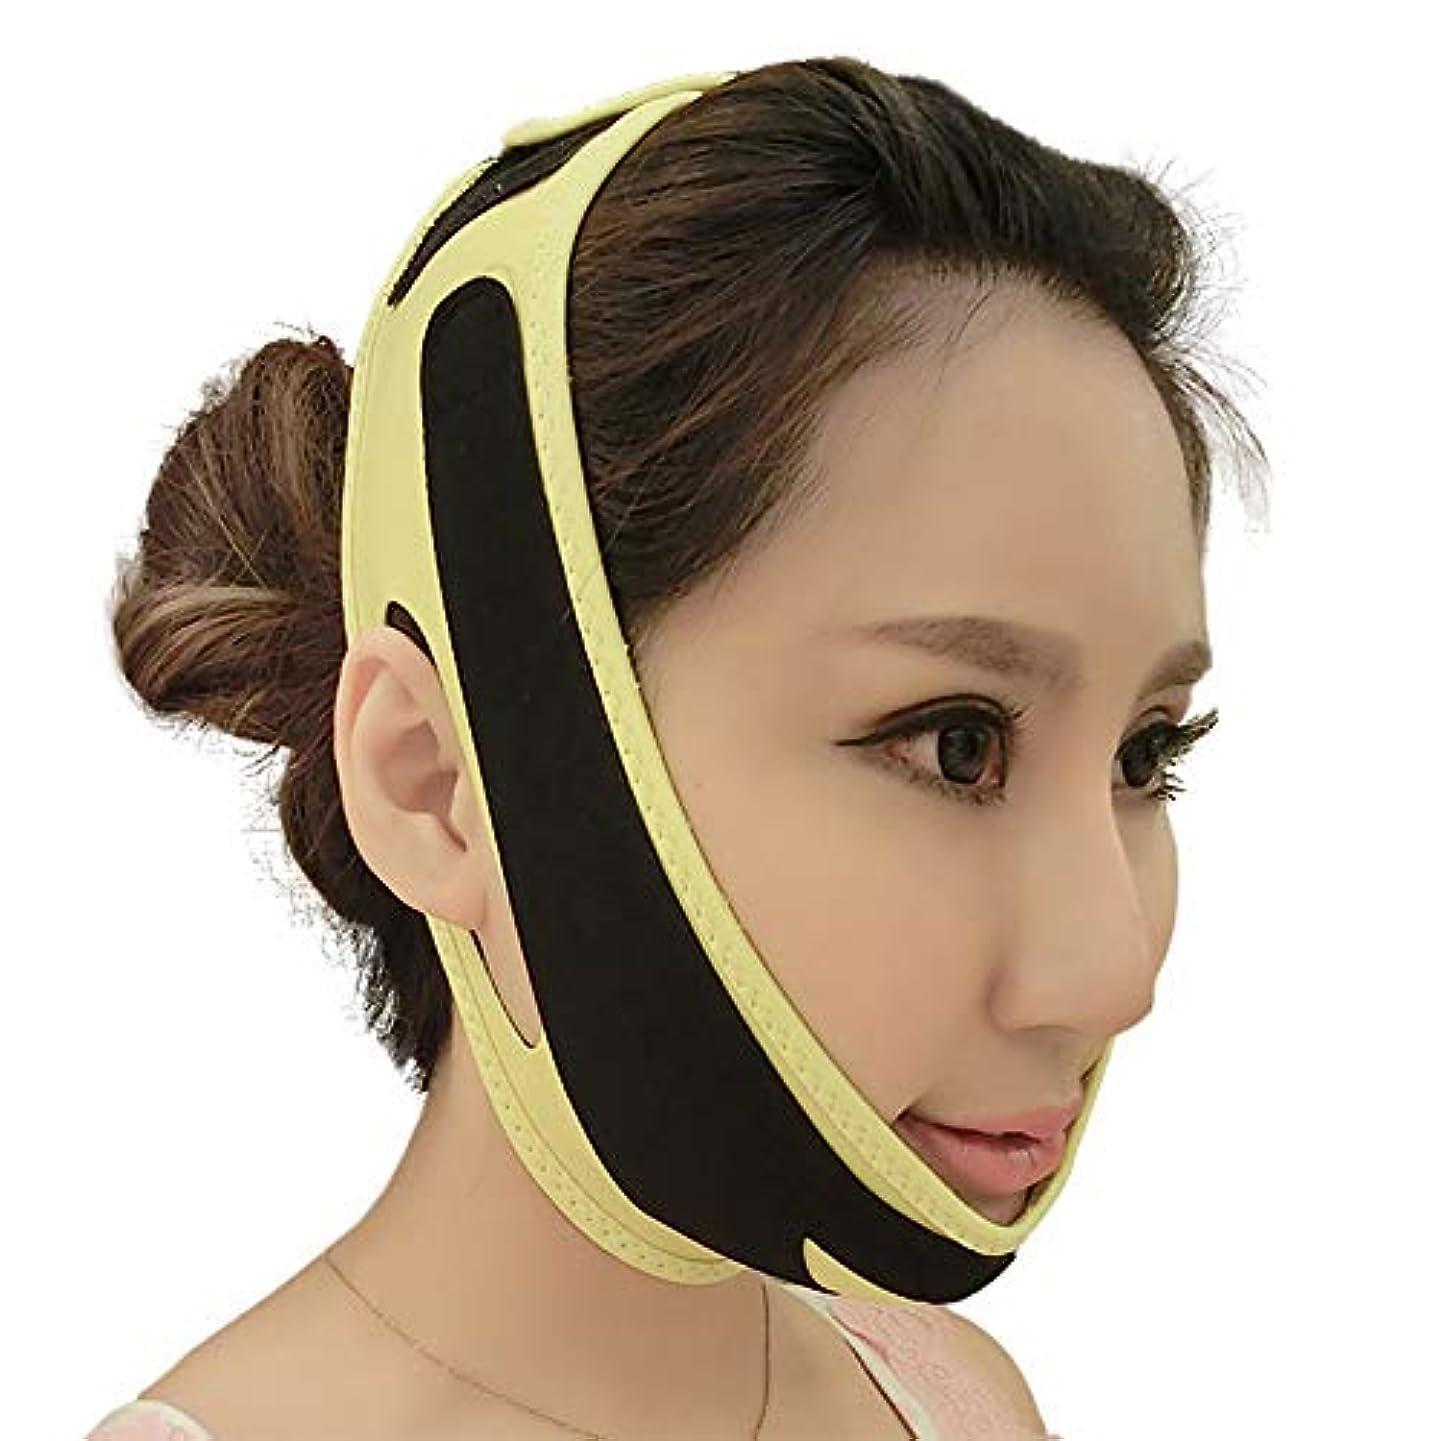 手のひら微生物寸法痩身頬マスク、アンチリンクルVラインフェイシャルマスクリフトアップストラップチンフェイスラインベルトストラップバンド,Yellow